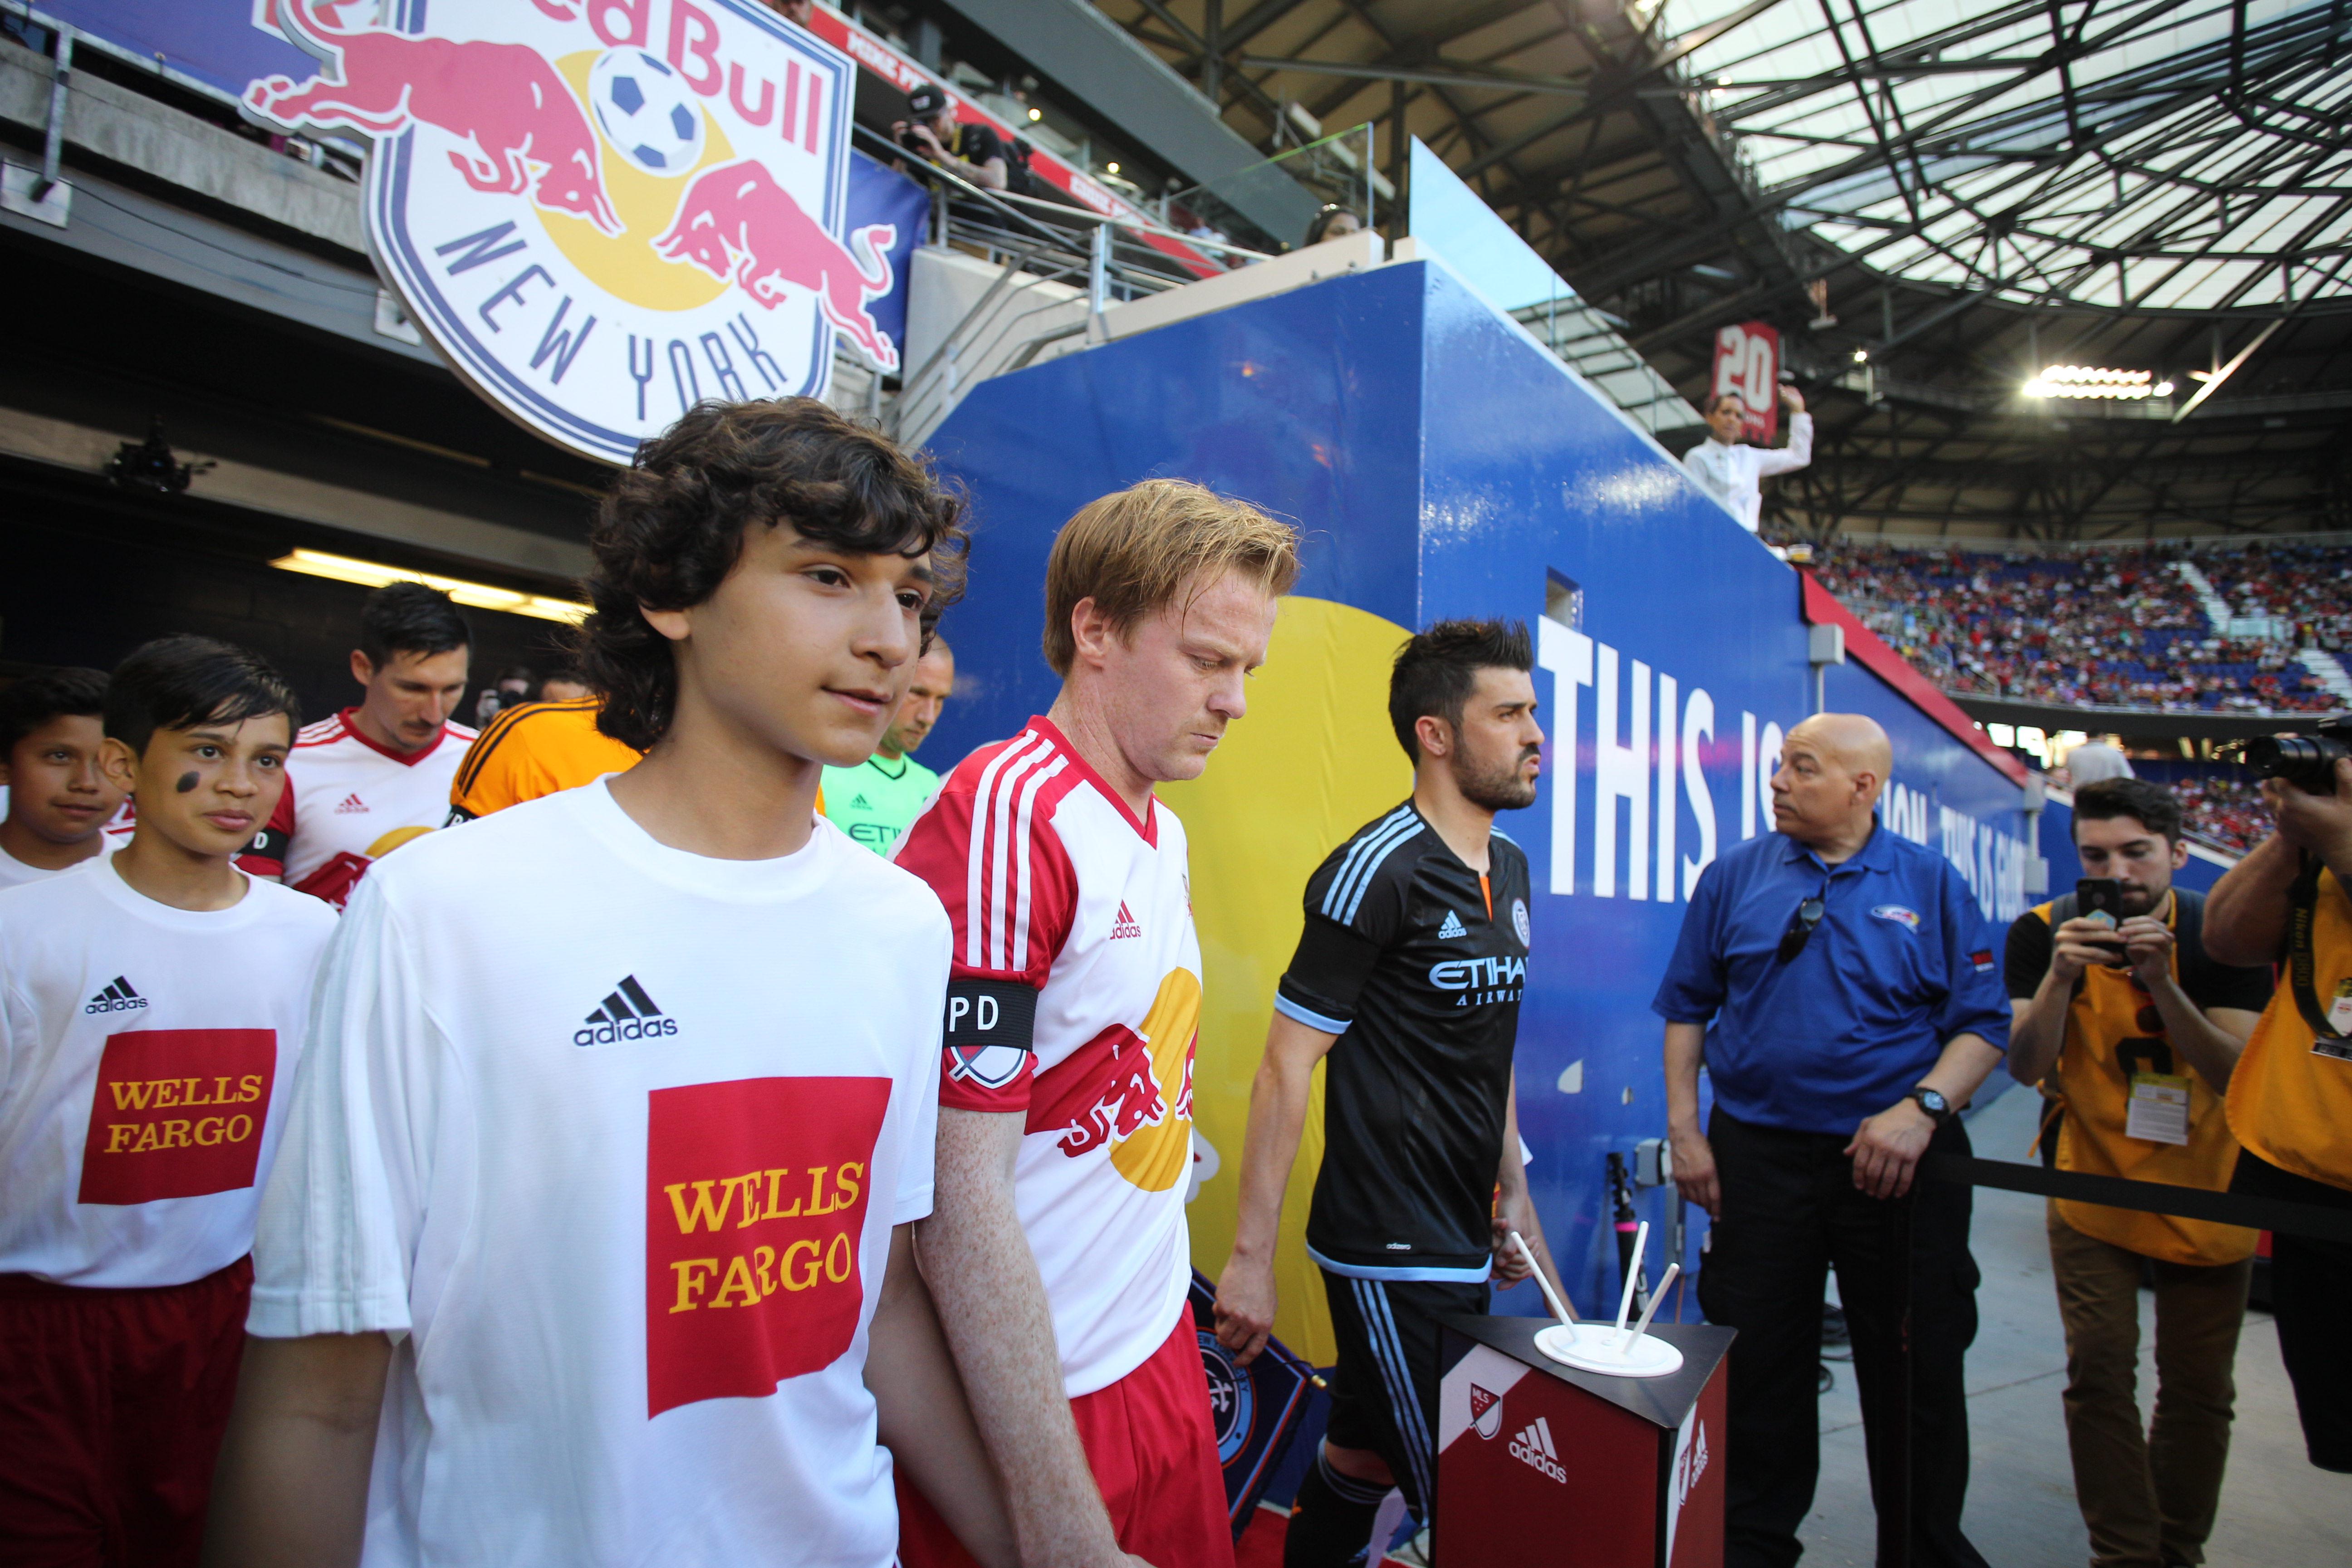 MLS. New York Red Bulls Vs New York City FC, Major League Soccer. Red Bull Arena, Harrison, New Jers